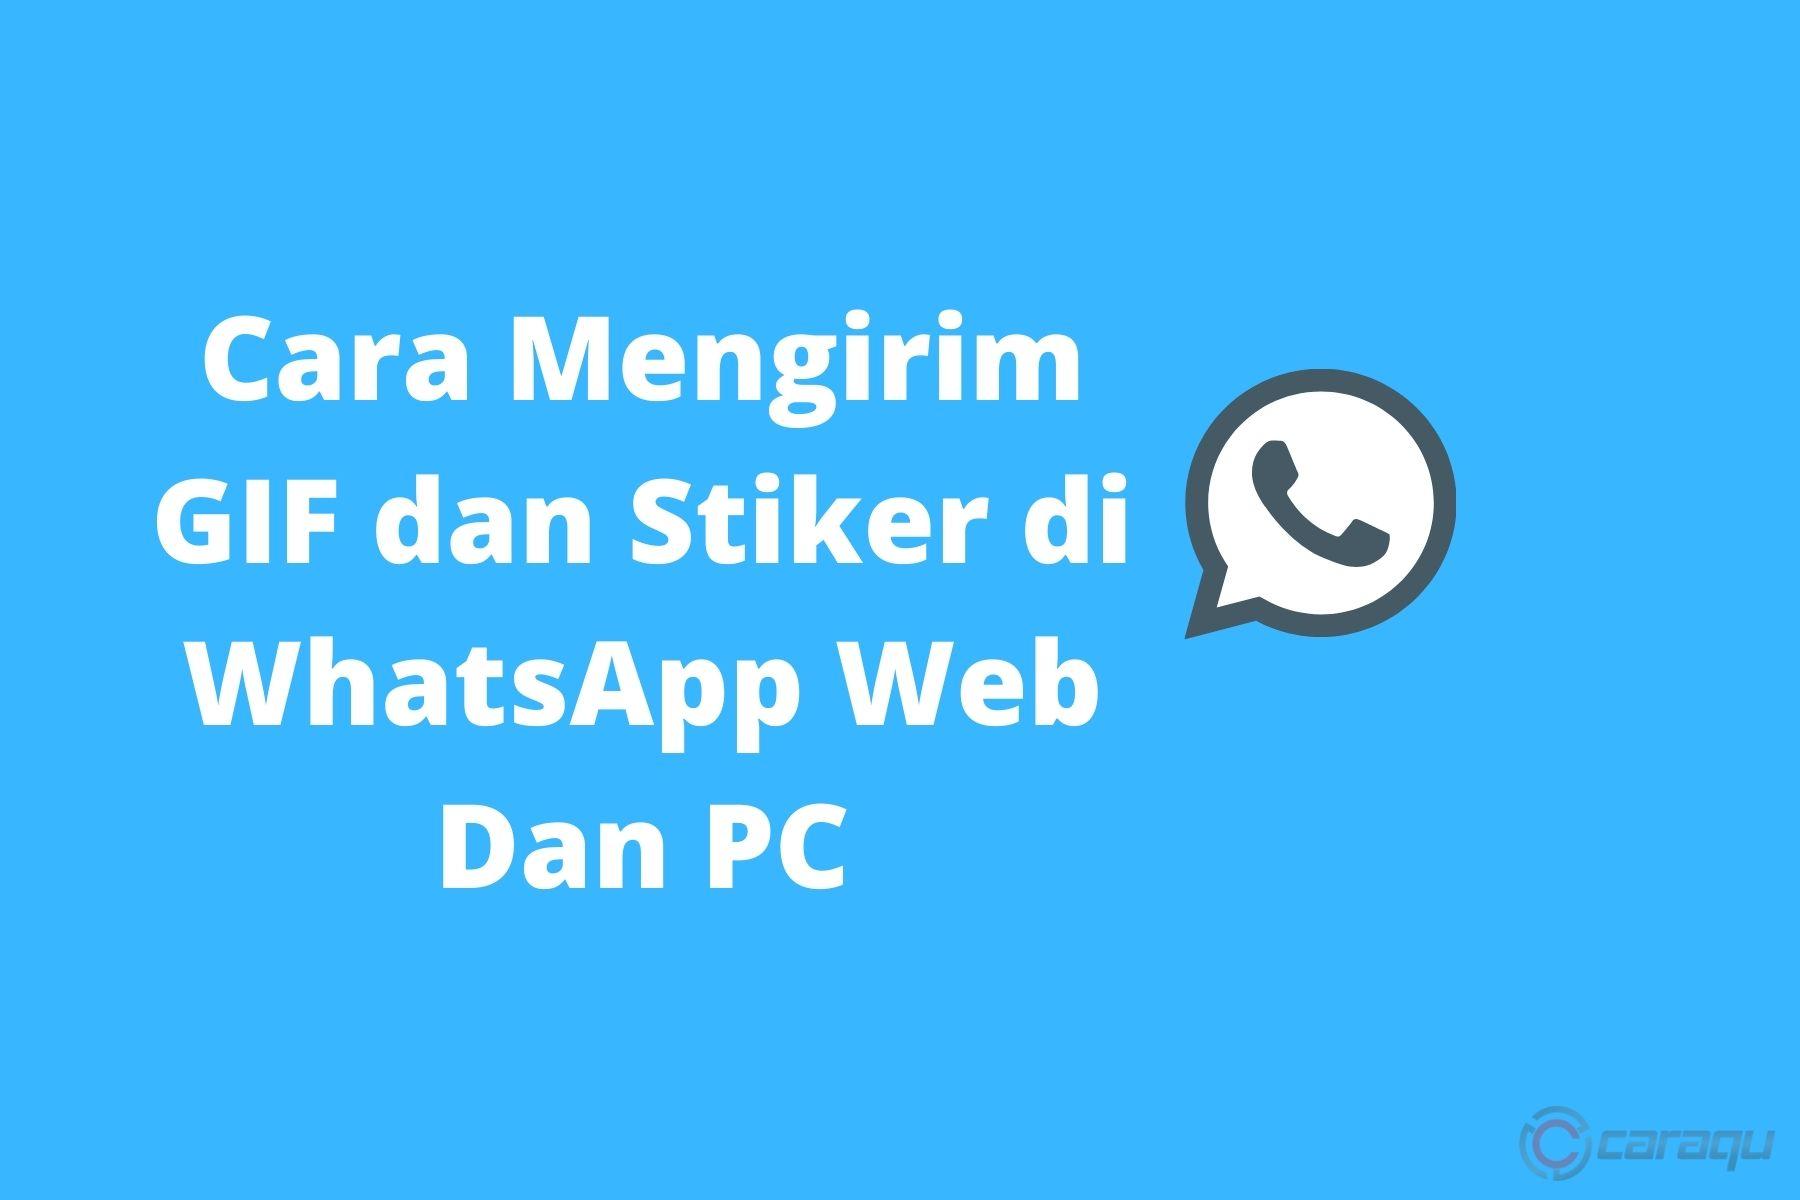 Cara Mengirim GIF dan Stiker di WhatsApp Web Dan PC